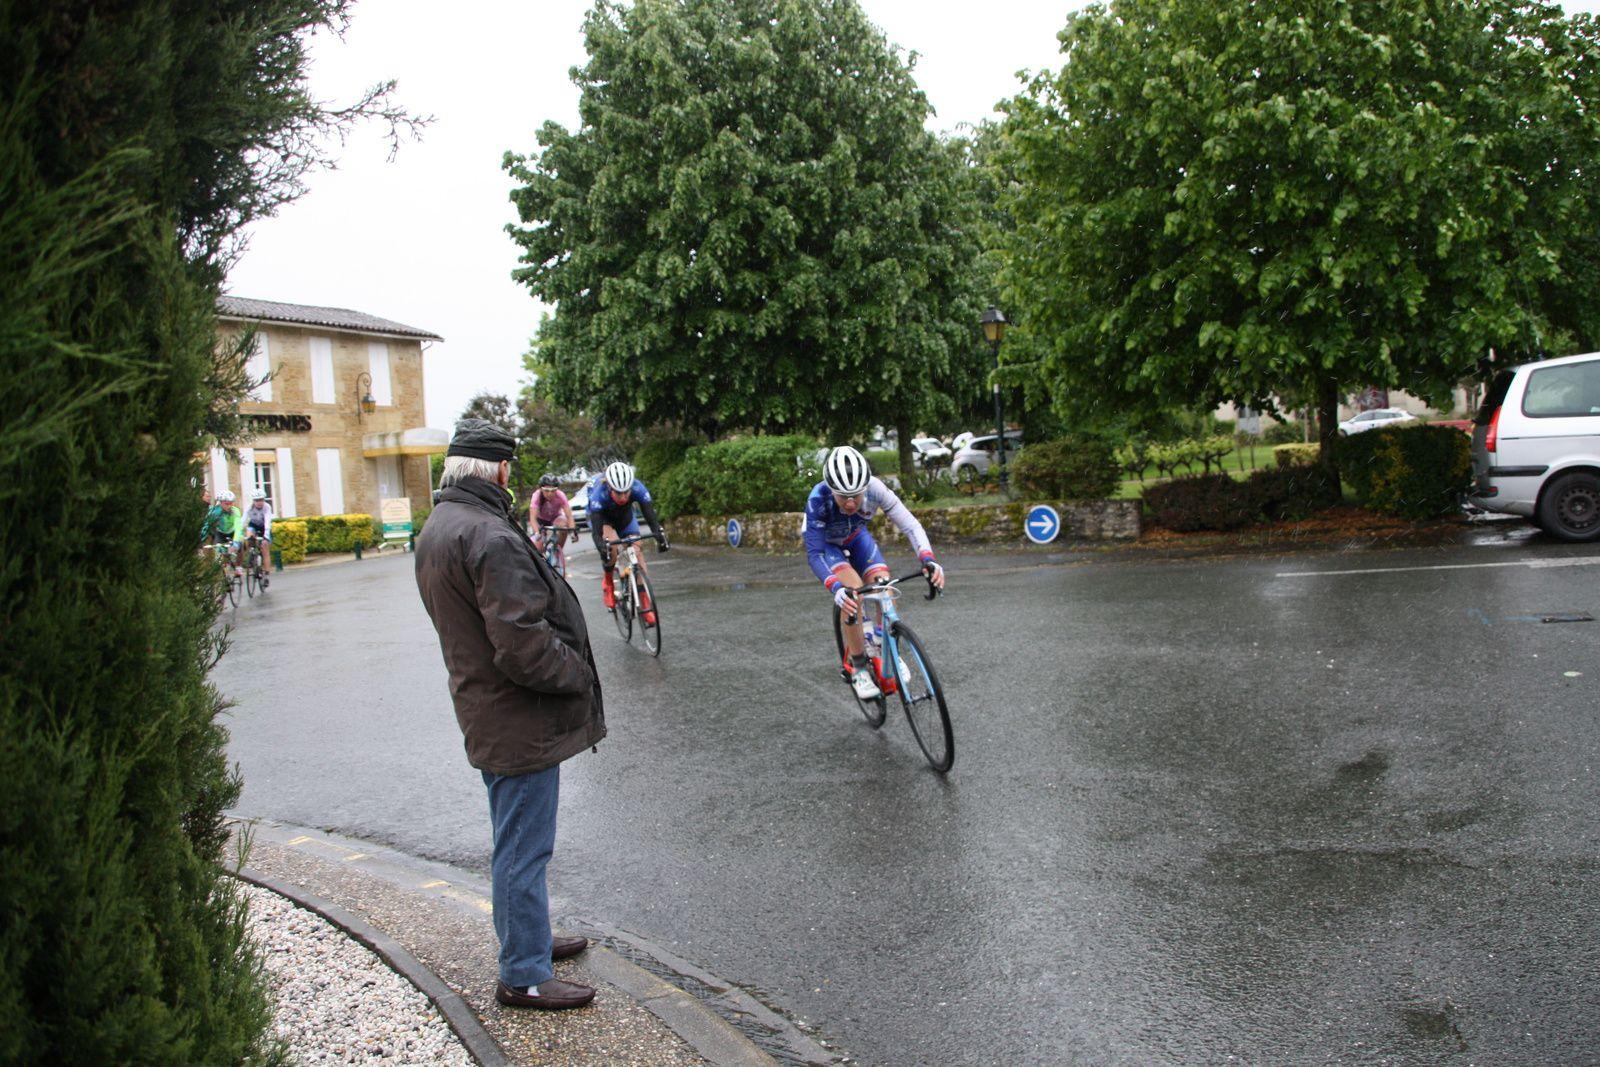 L'écart  diminue  toujours  sous  la  pluie, les  filles  de  la  DN17  roulent  groupéés  dans  le  1er  groupe  de  contre